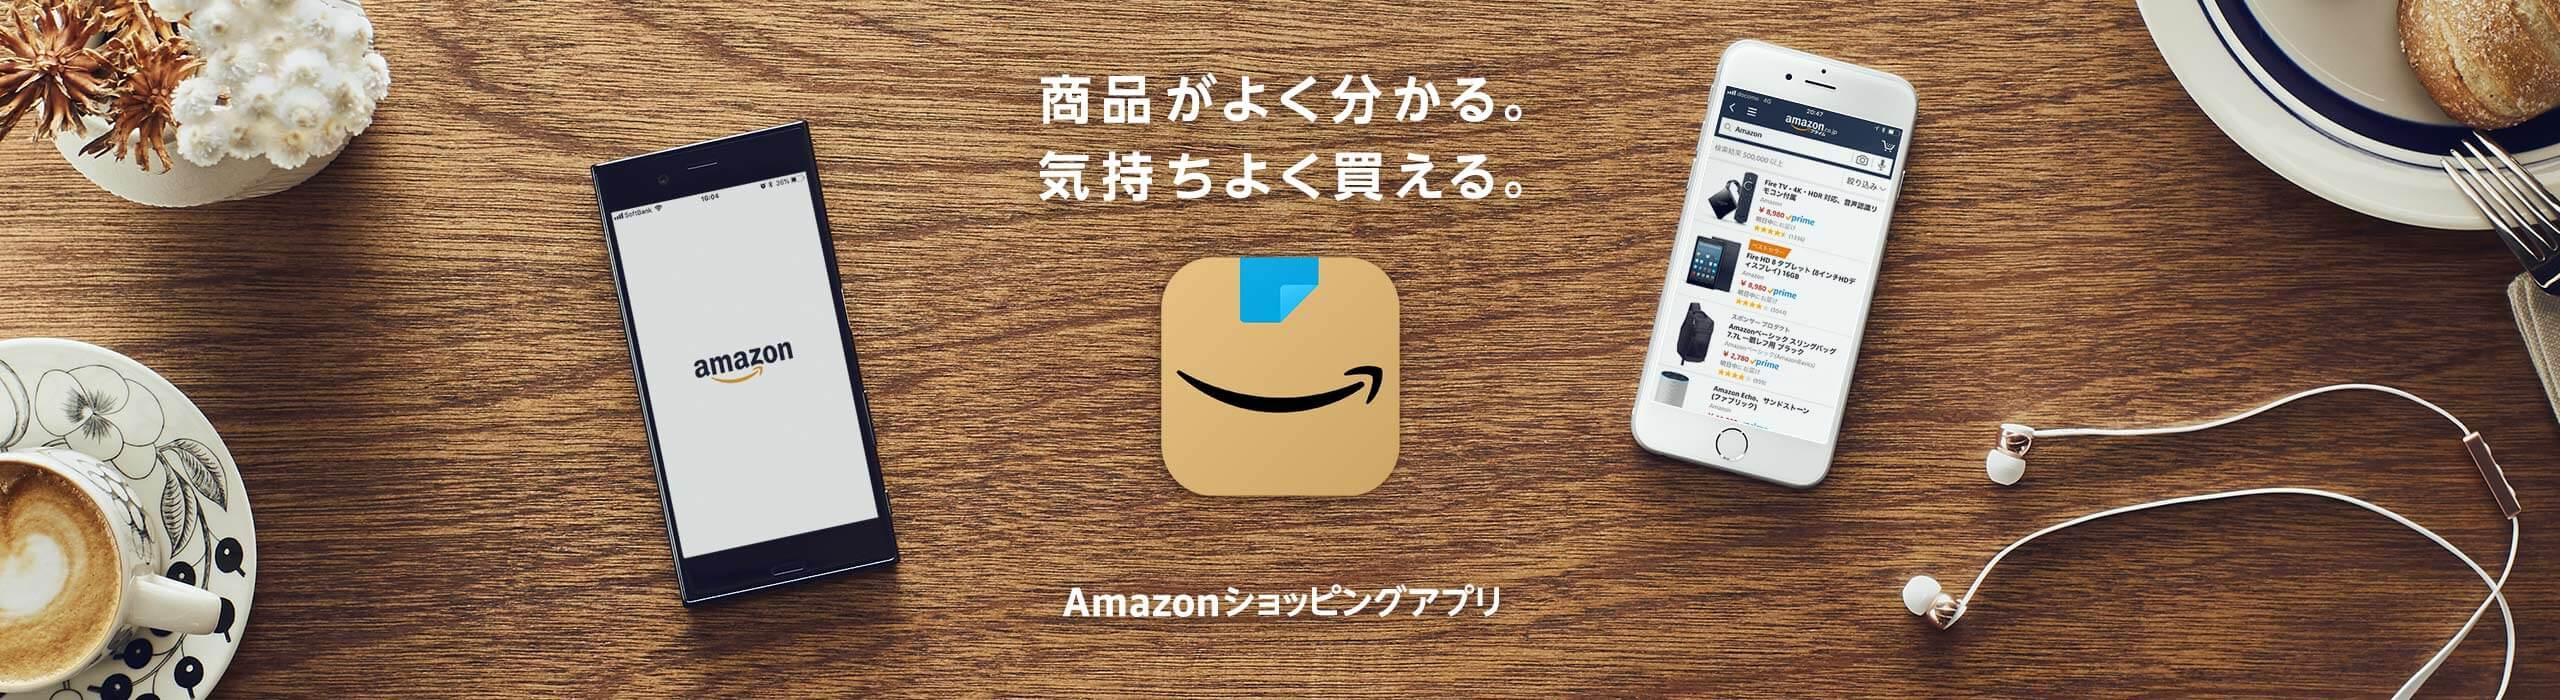 Amazonショッピングアプリをダウンロードする